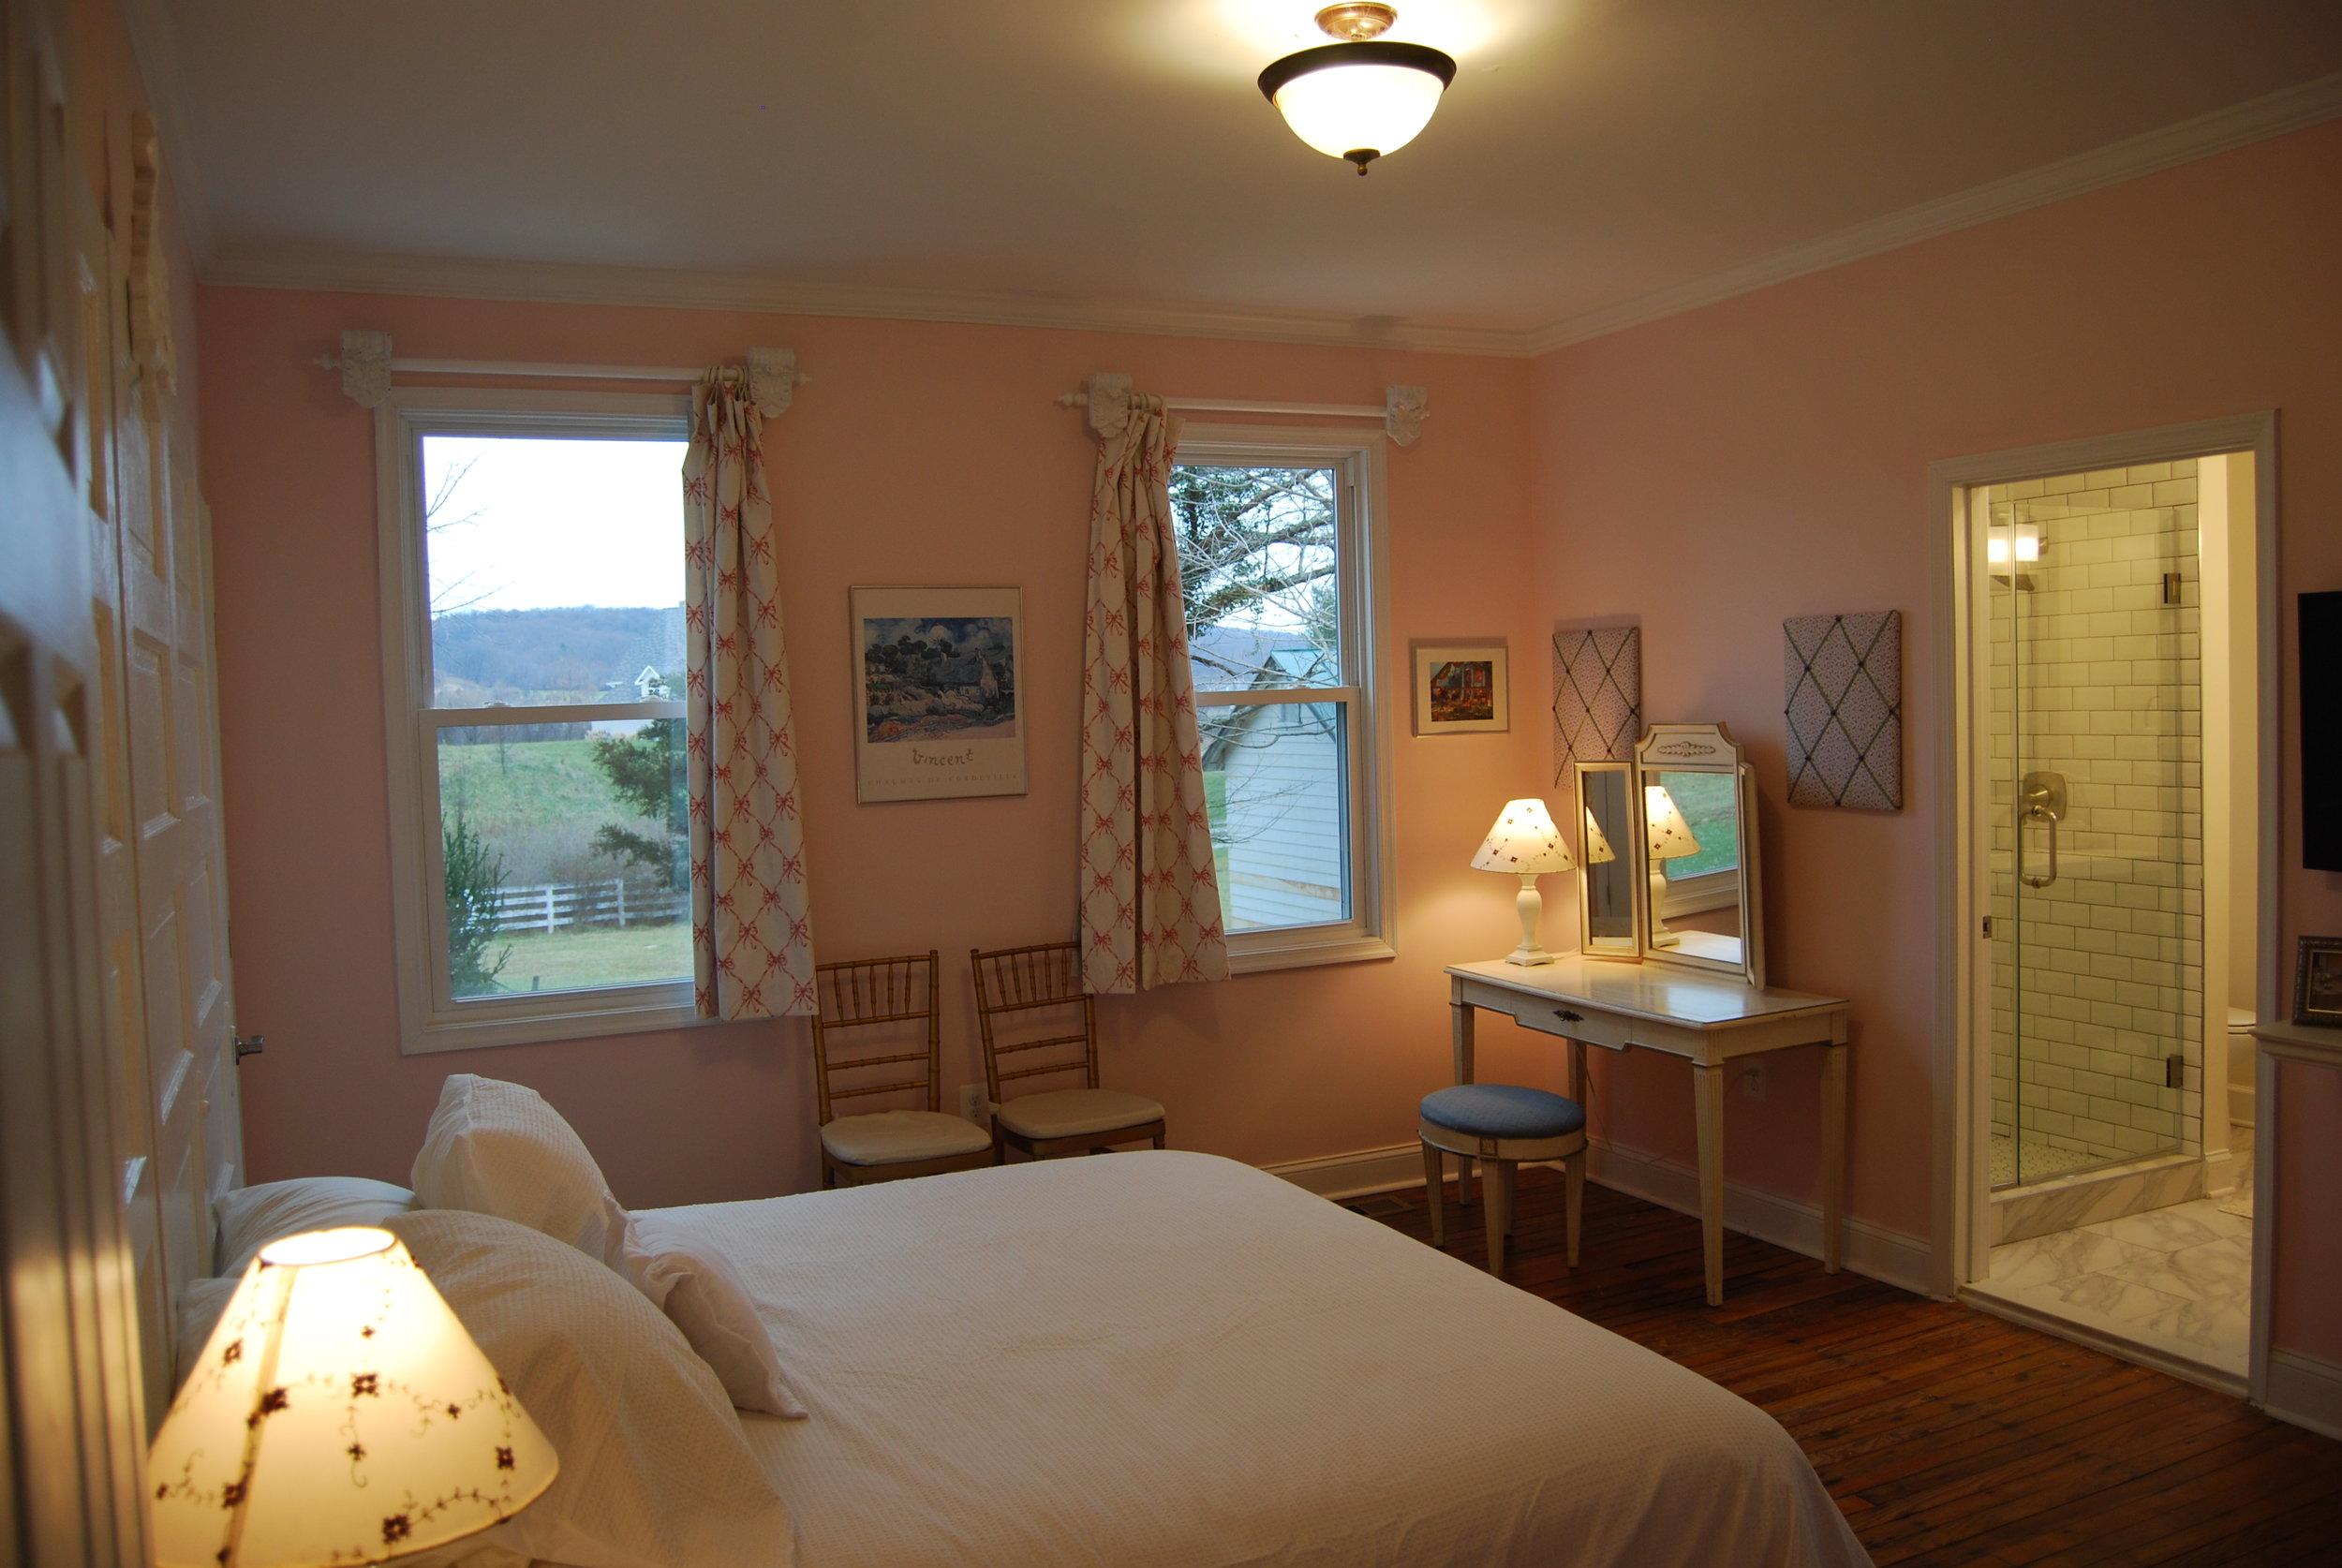 bedroom b1.JPG